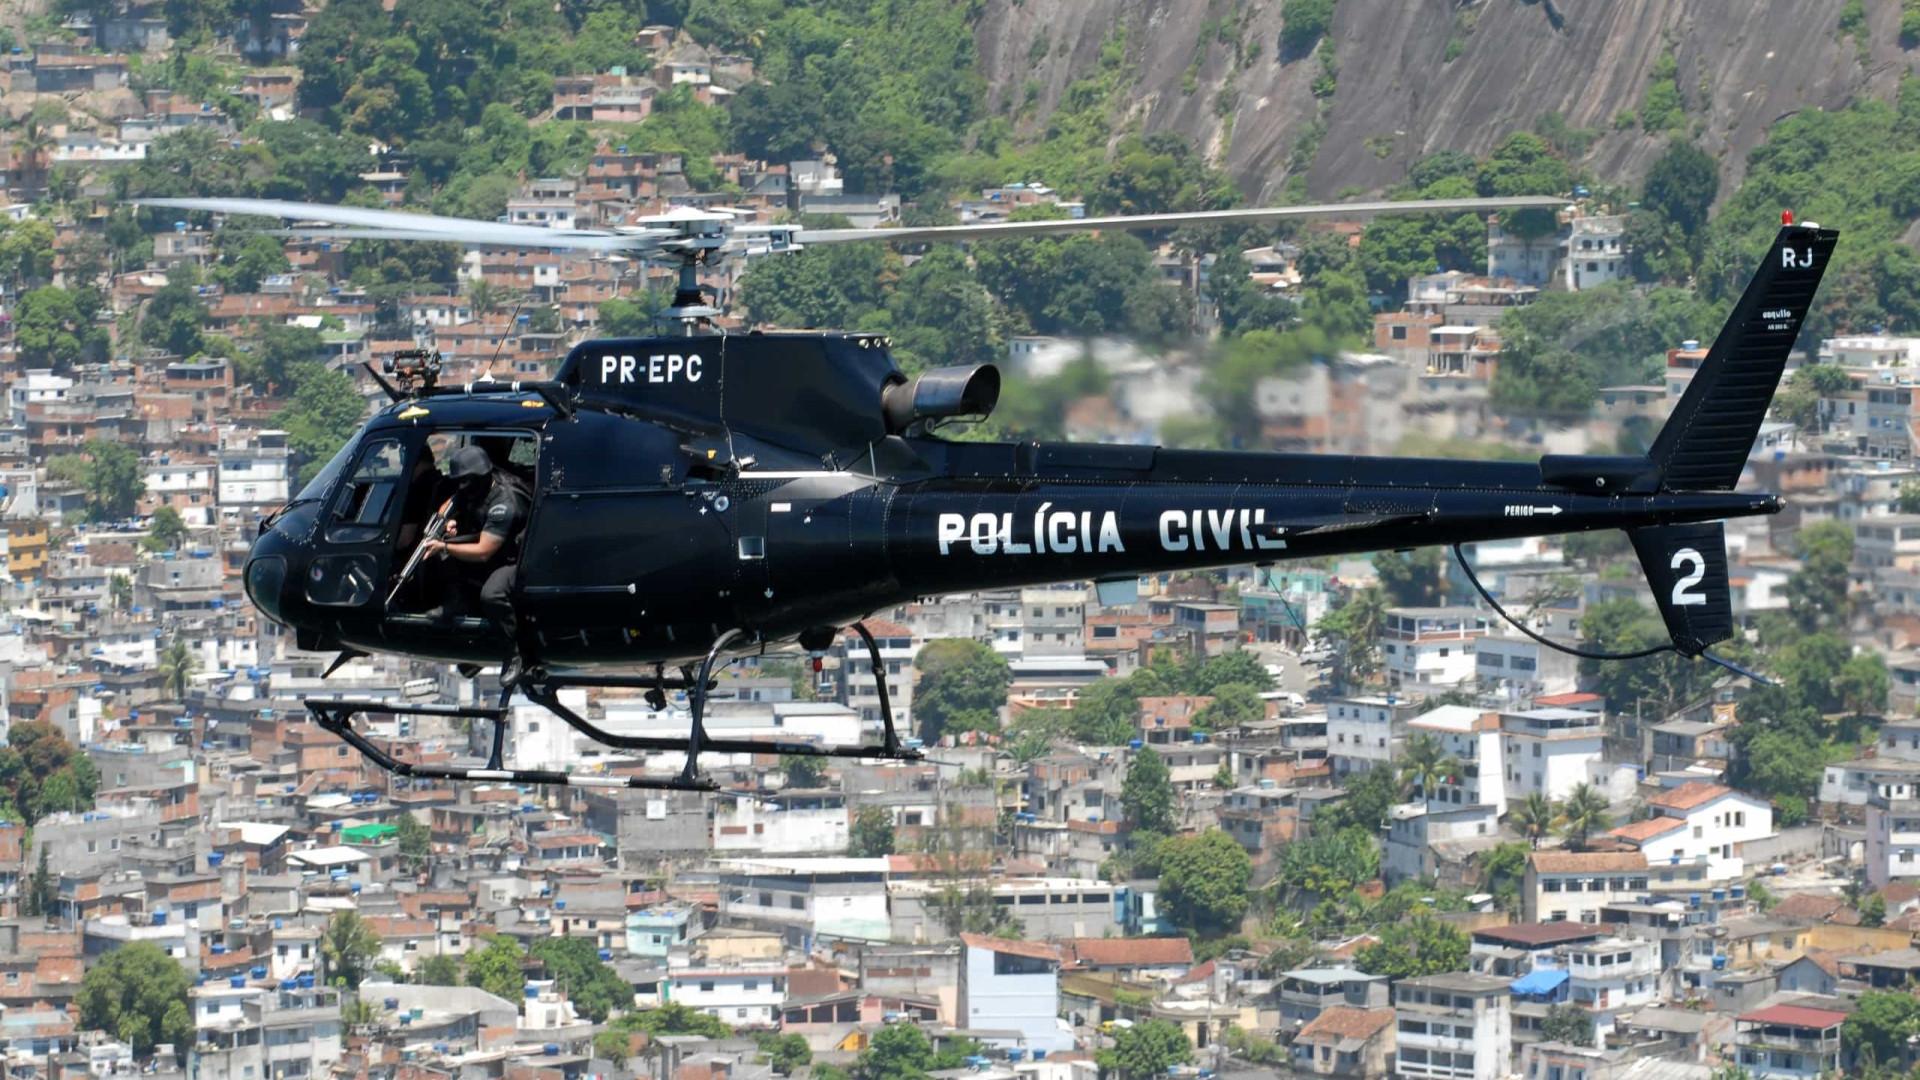 Suspensão de operações policiais no Rio reduz mortes em mais de 70%